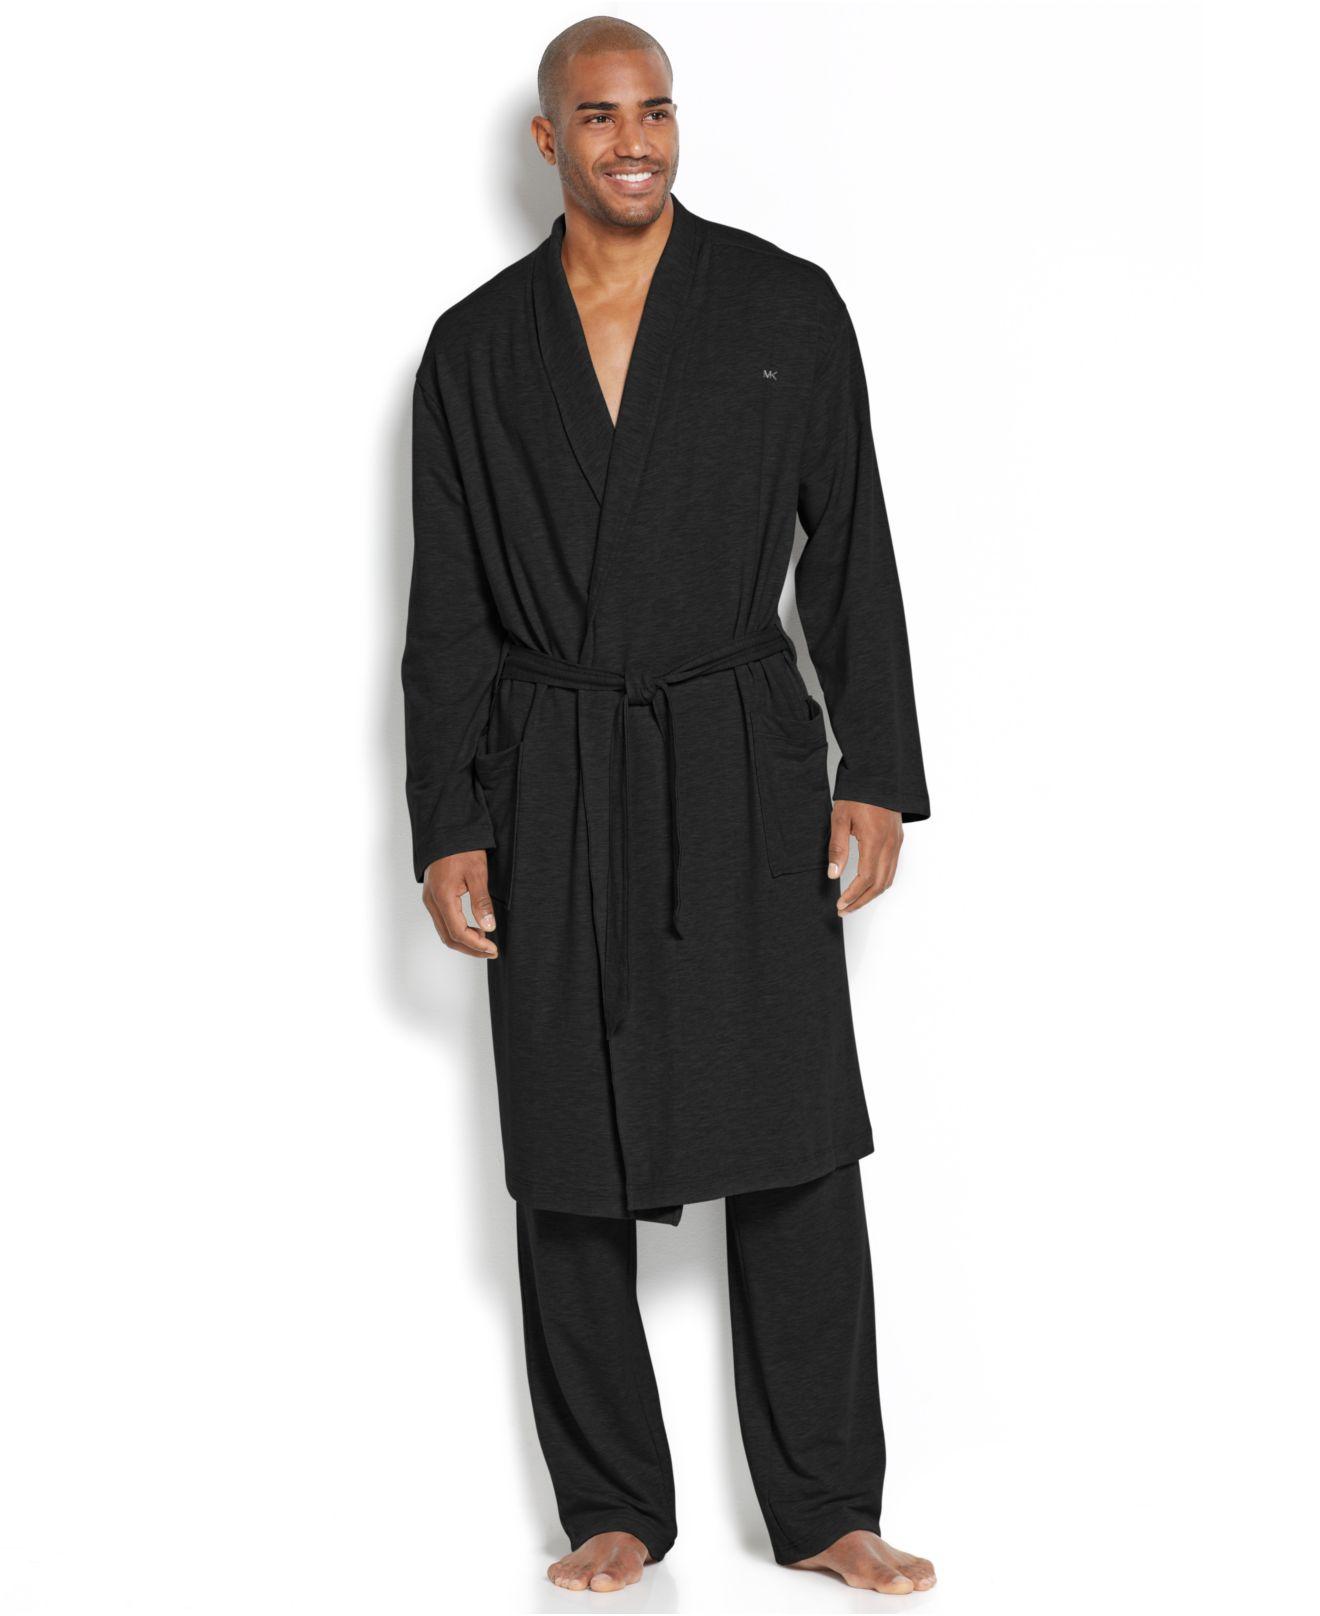 14495076f1 Lyst - Michael Kors Men S Modal French Robe in Black for Men